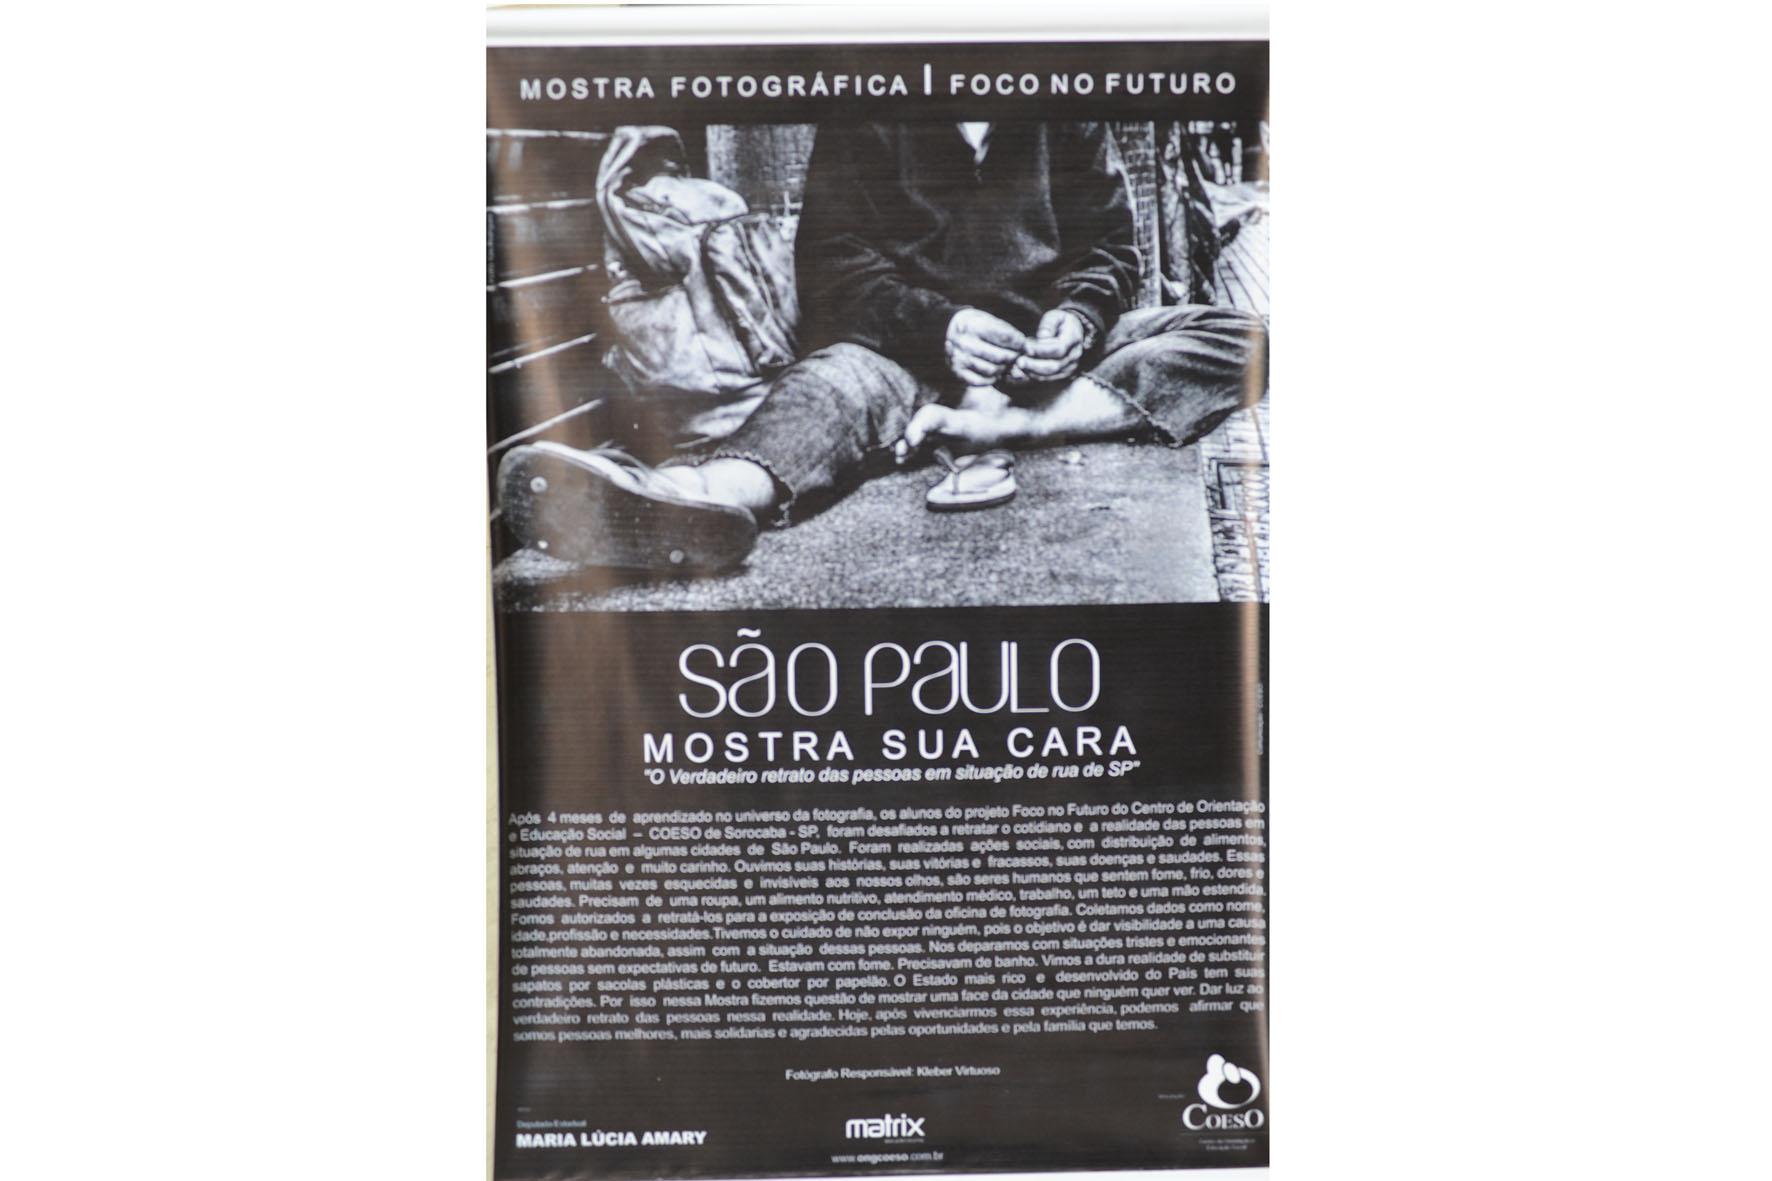 Exposição &quot;São Paulo Mostra sua Cara! O verdadeiro retrato das pessoas em situação de rua de SP&quot;<a style='float:right' href='https://www3.al.sp.gov.br/repositorio/noticia/N-12-2017/fg214389.jpg' target=_blank><img src='/_img/material-file-download-white.png' width='14px' alt='Clique para baixar a imagem'></a>